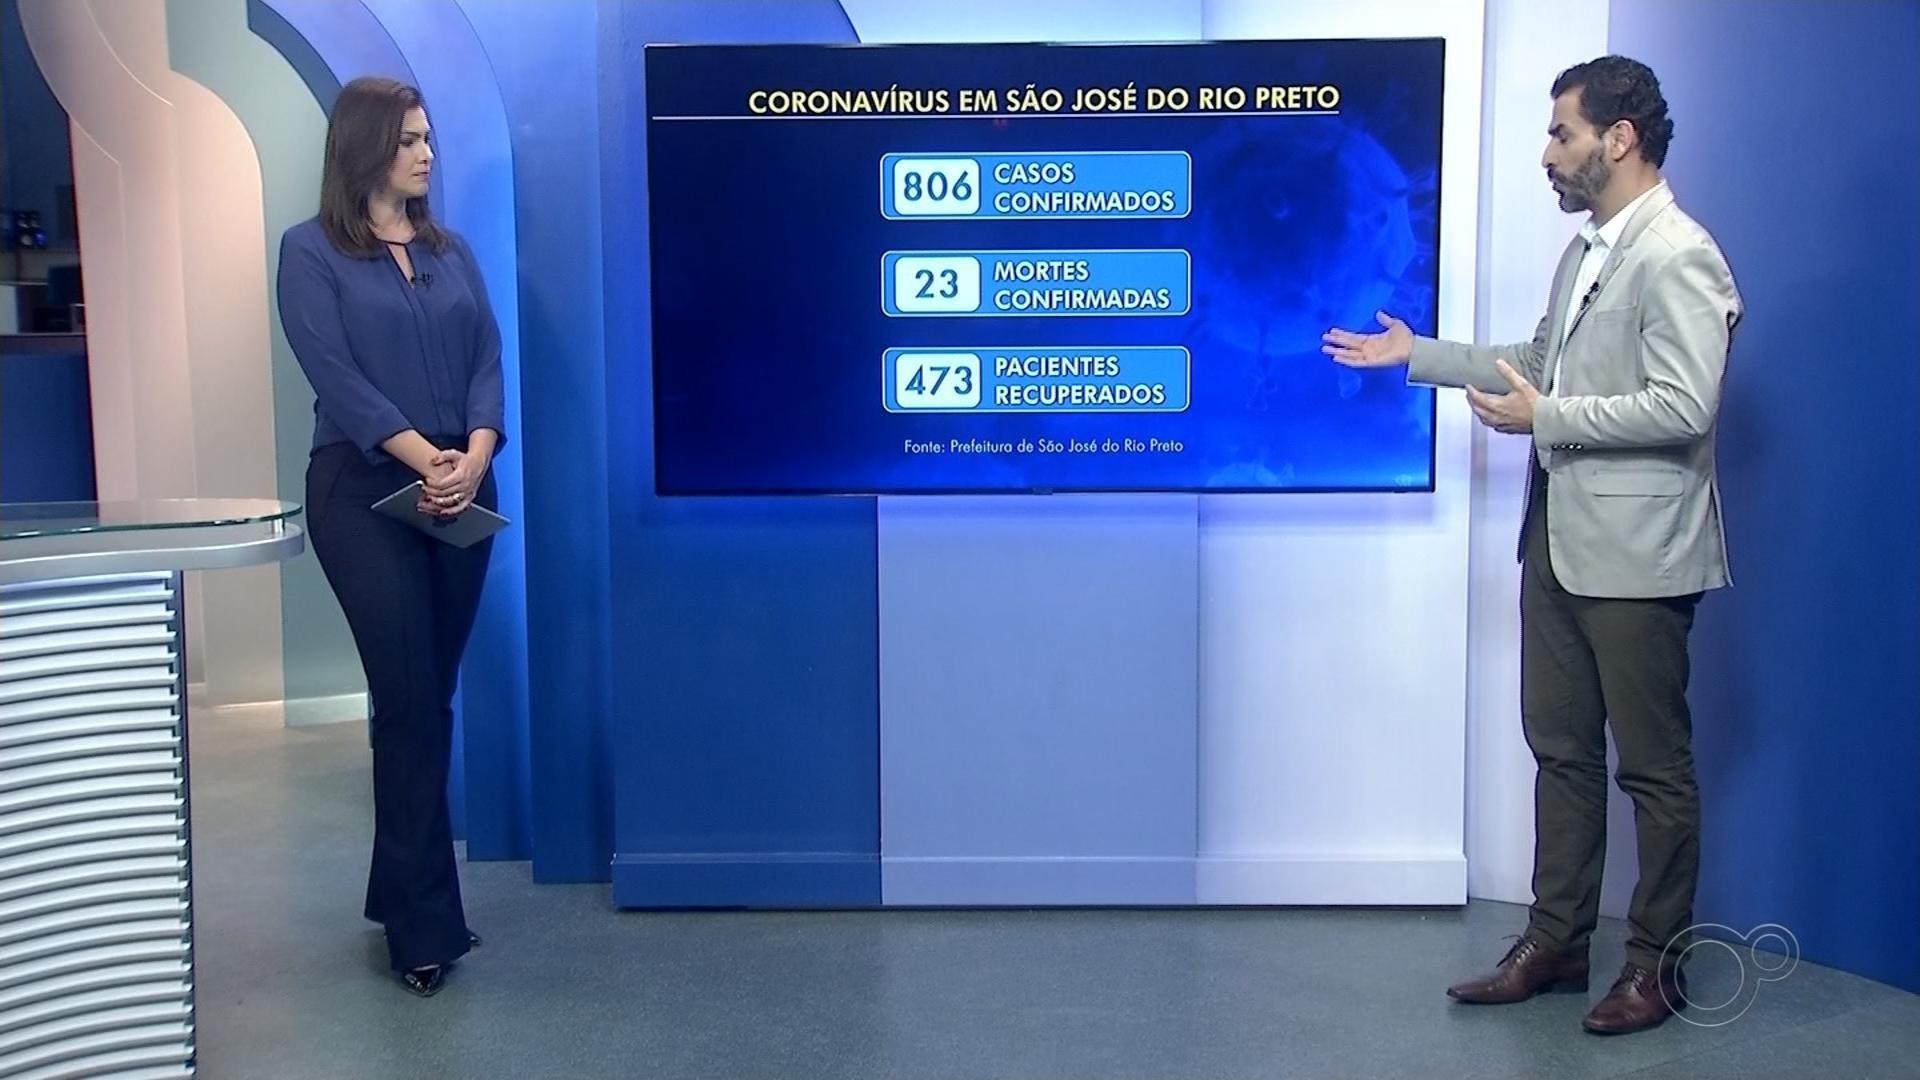 VÍDEOS: TEM Notícias 1ª edição de Rio Preto e Araçatuba desta quinta-feira, 4 de junho